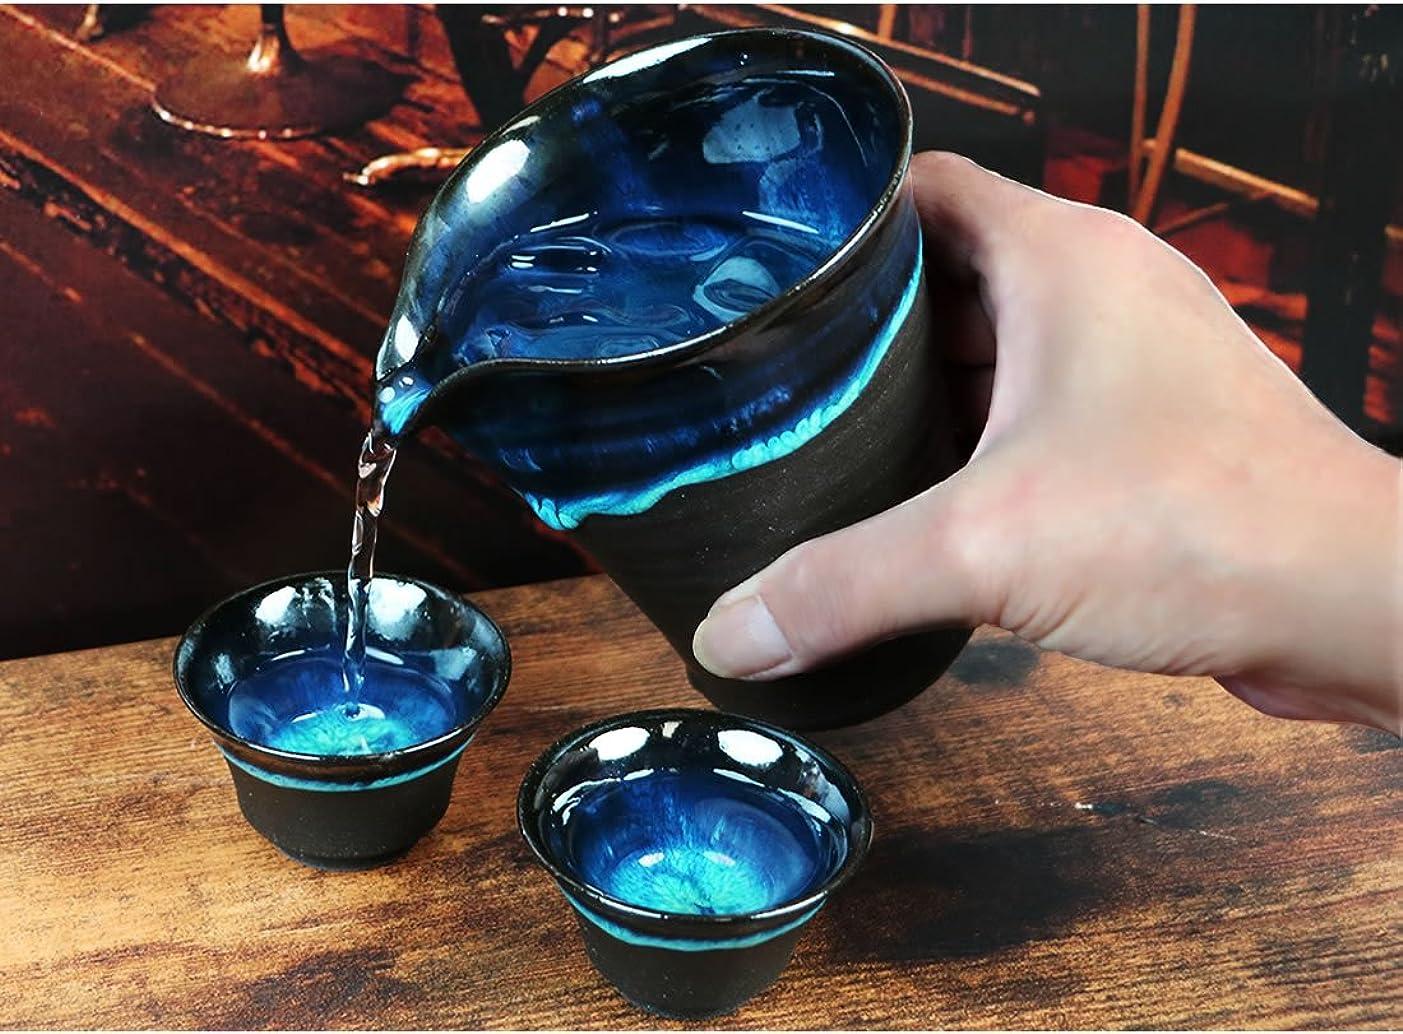 ギャロップ誘惑外出信楽焼 湖鏡(酒器セット) ワンランク上の贅沢 酒器 セット ぐい呑み 片口 熱燗 高級品 おしゃれ 信楽焼き 陶器 ko-syuki